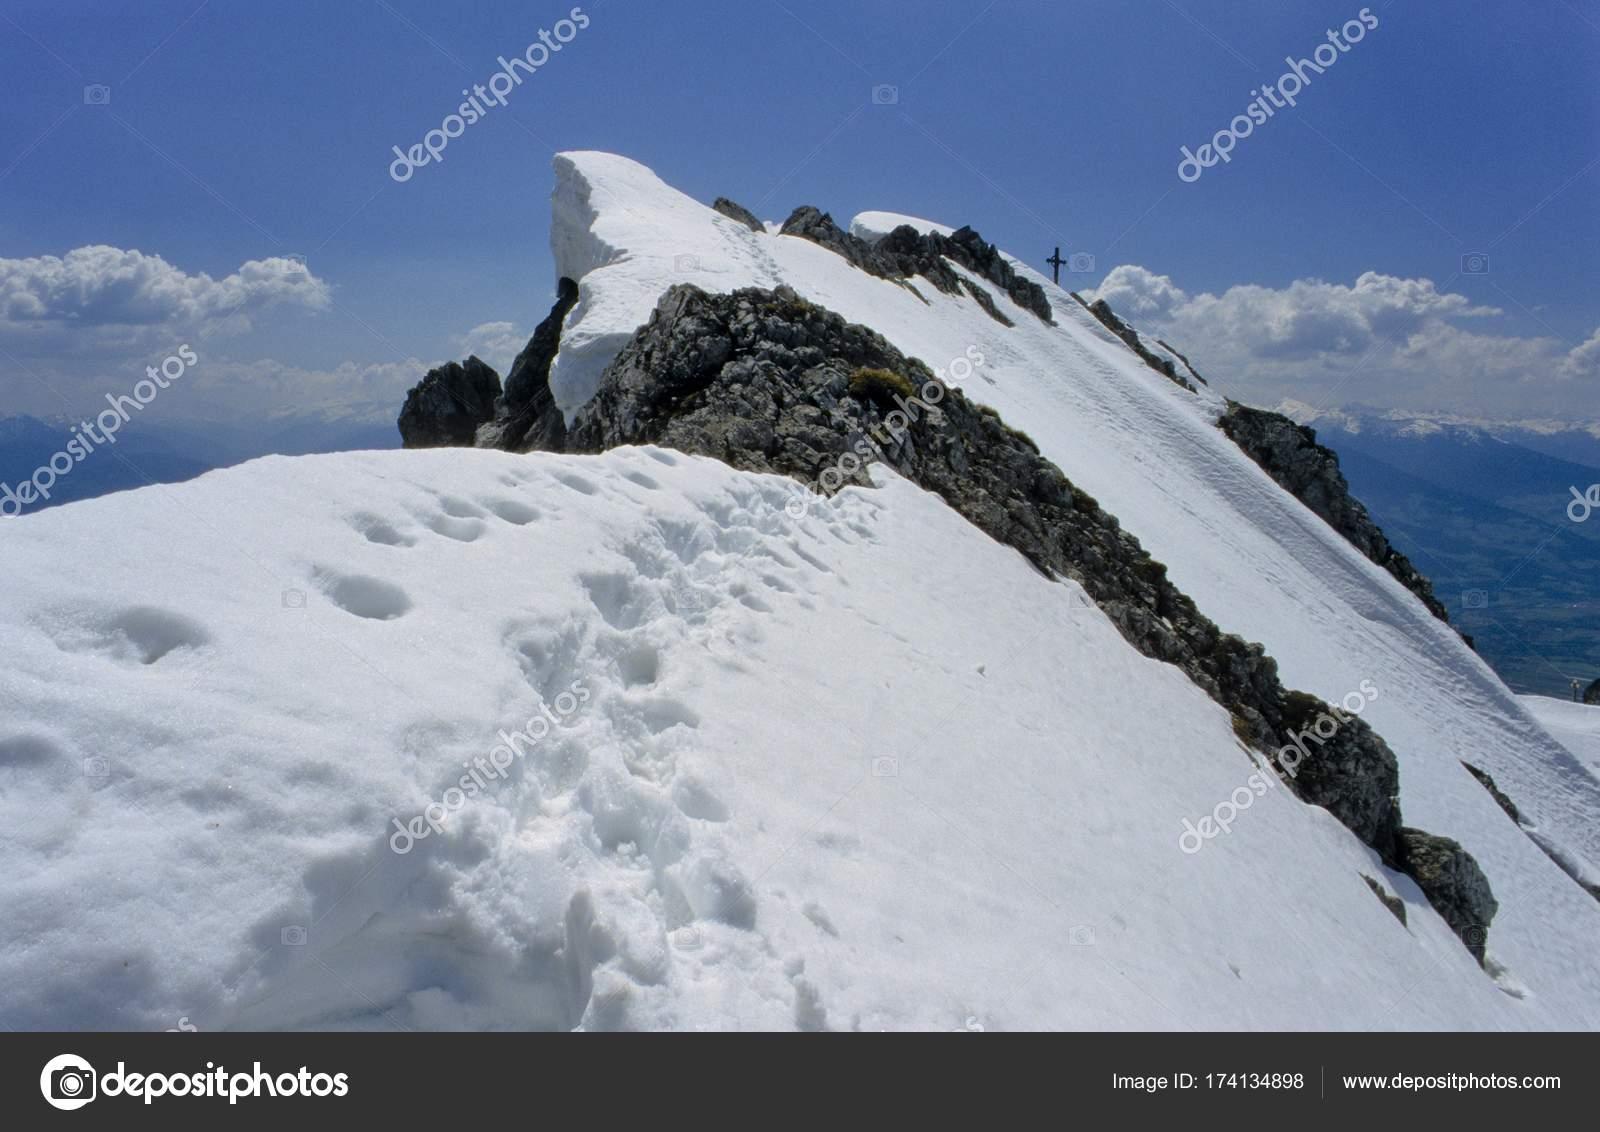 Klettersteig Innsbruck : Bergsteiger innsbrucker klettersteig via ferrata